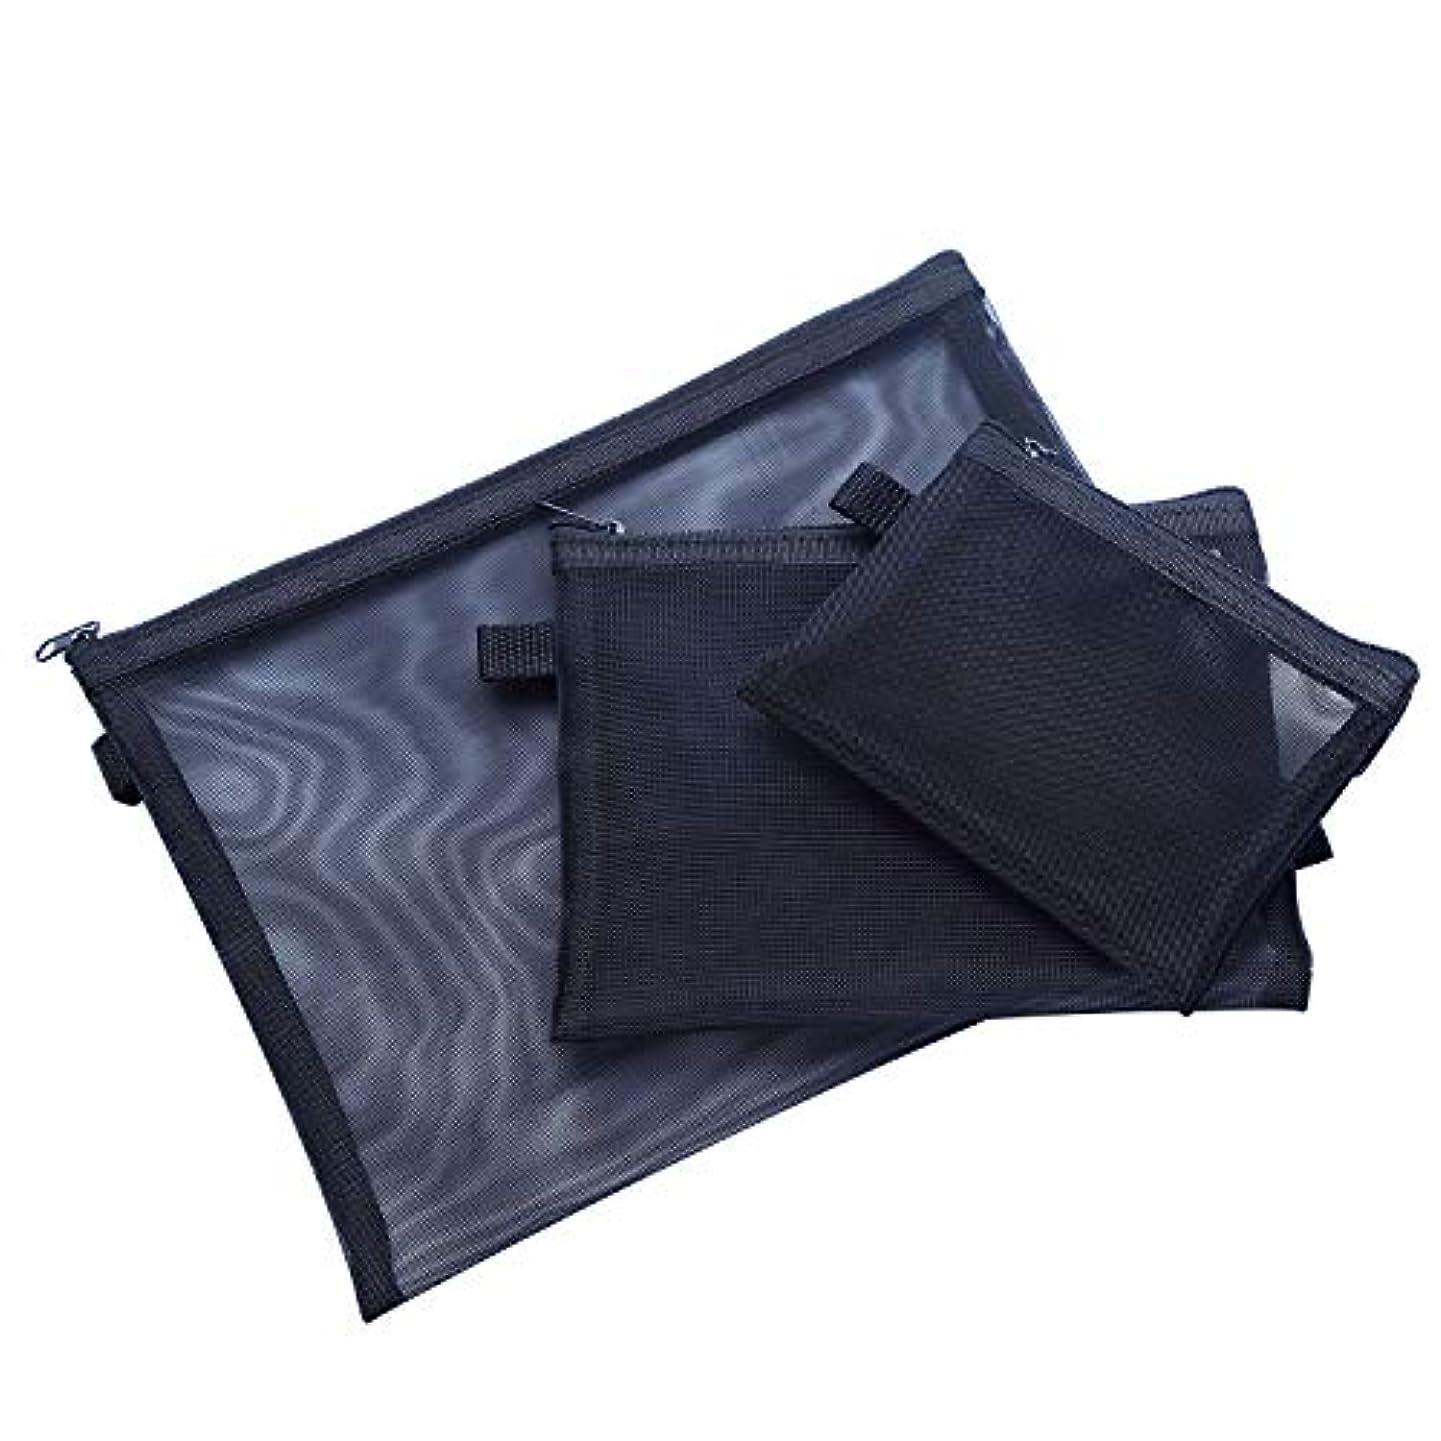 失礼な軽くソーダ水HOYOFO メッシュケース 化粧ポーチ 収納 小物入れ 多機能 3点セット 黒